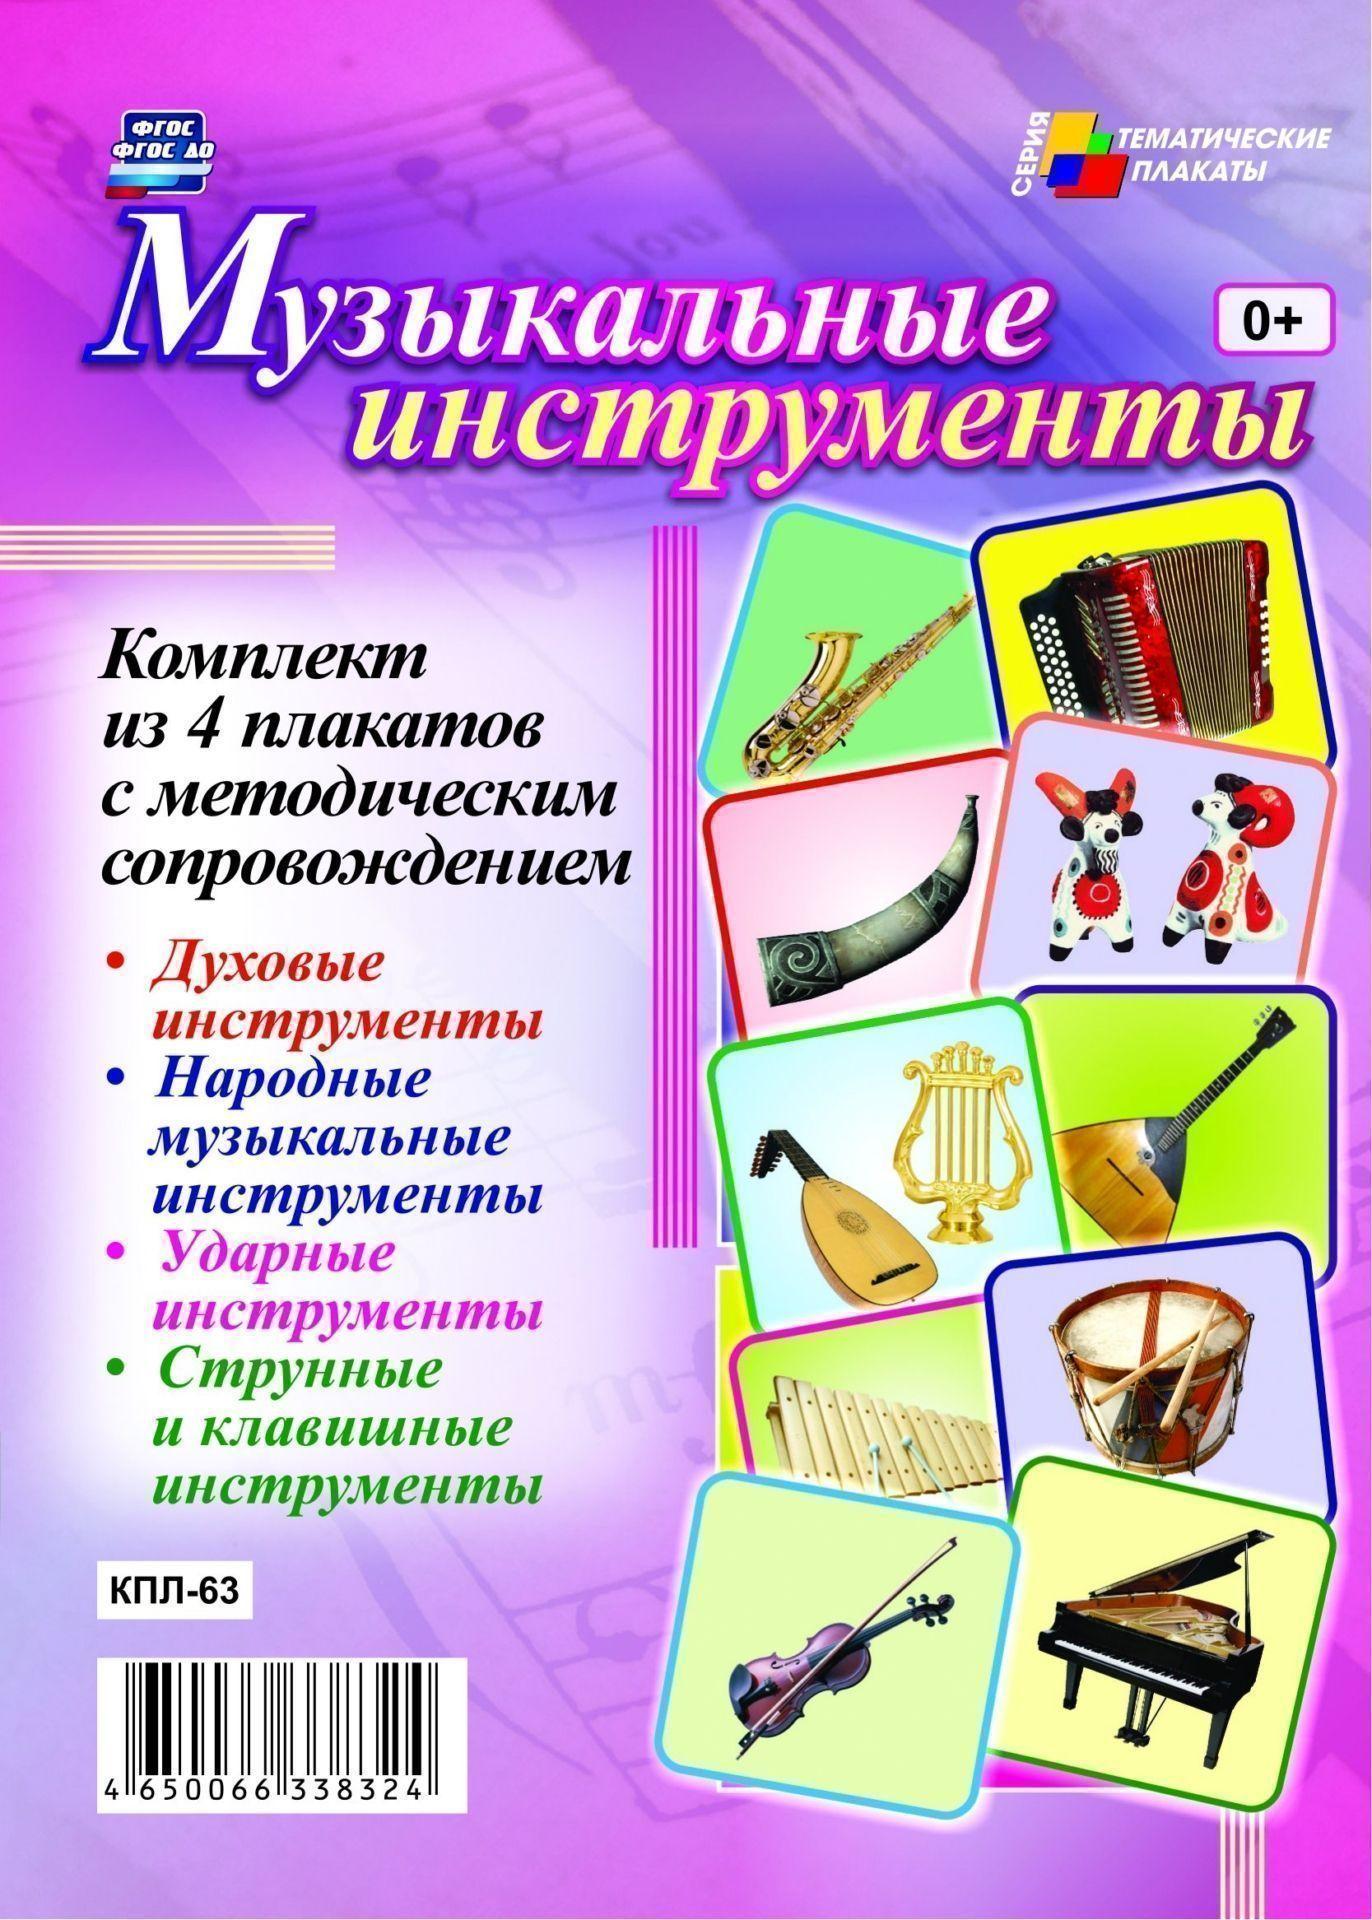 Комплект плакатов Музыкальные инструменты: 4 плаката с методическим сопровождениемТематические плакаты<br>.<br><br>Год: 2017<br>Серия: Тематические плакаты<br>Высота: 297<br>Ширина: 420